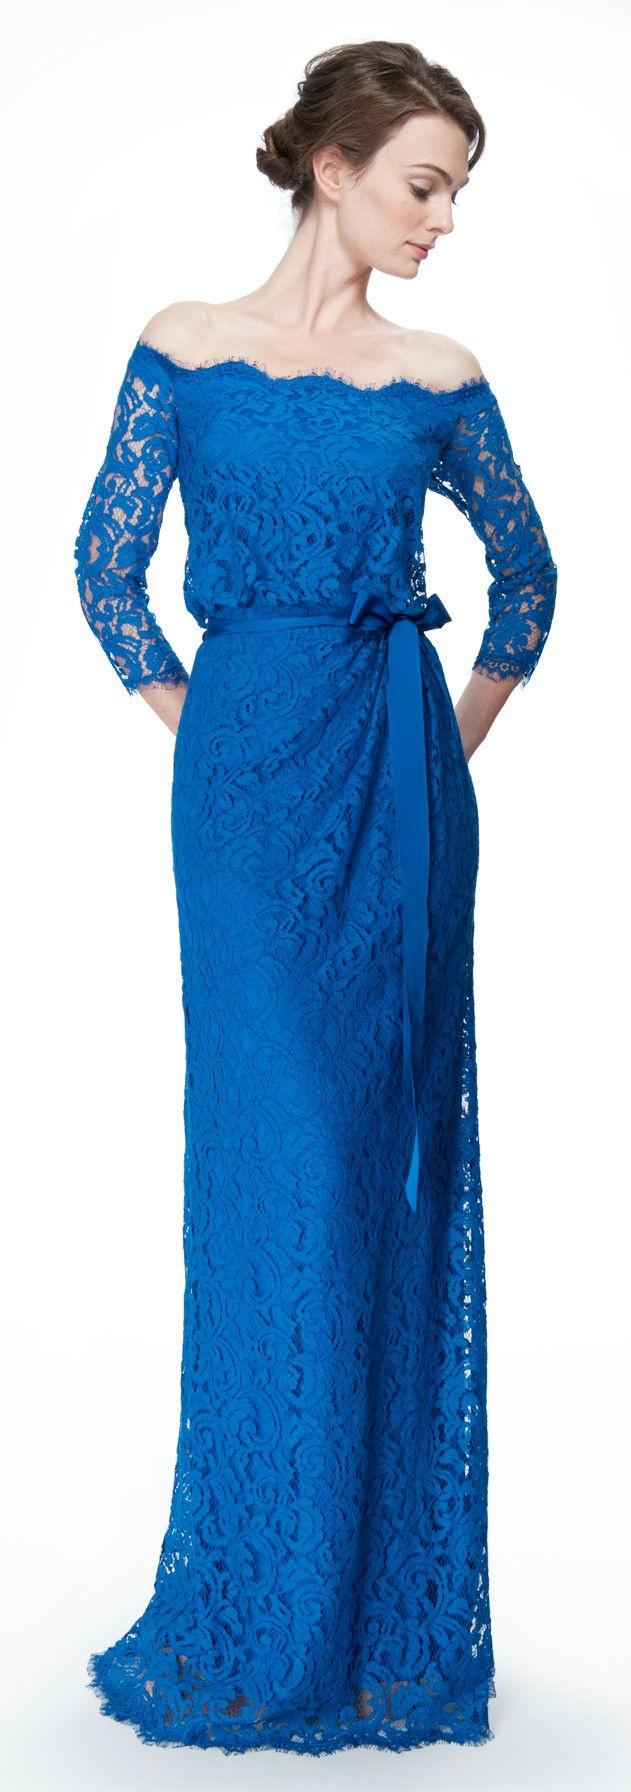 1000  images about Azure Blue on Pinterest - Pantone- Priscilla ...